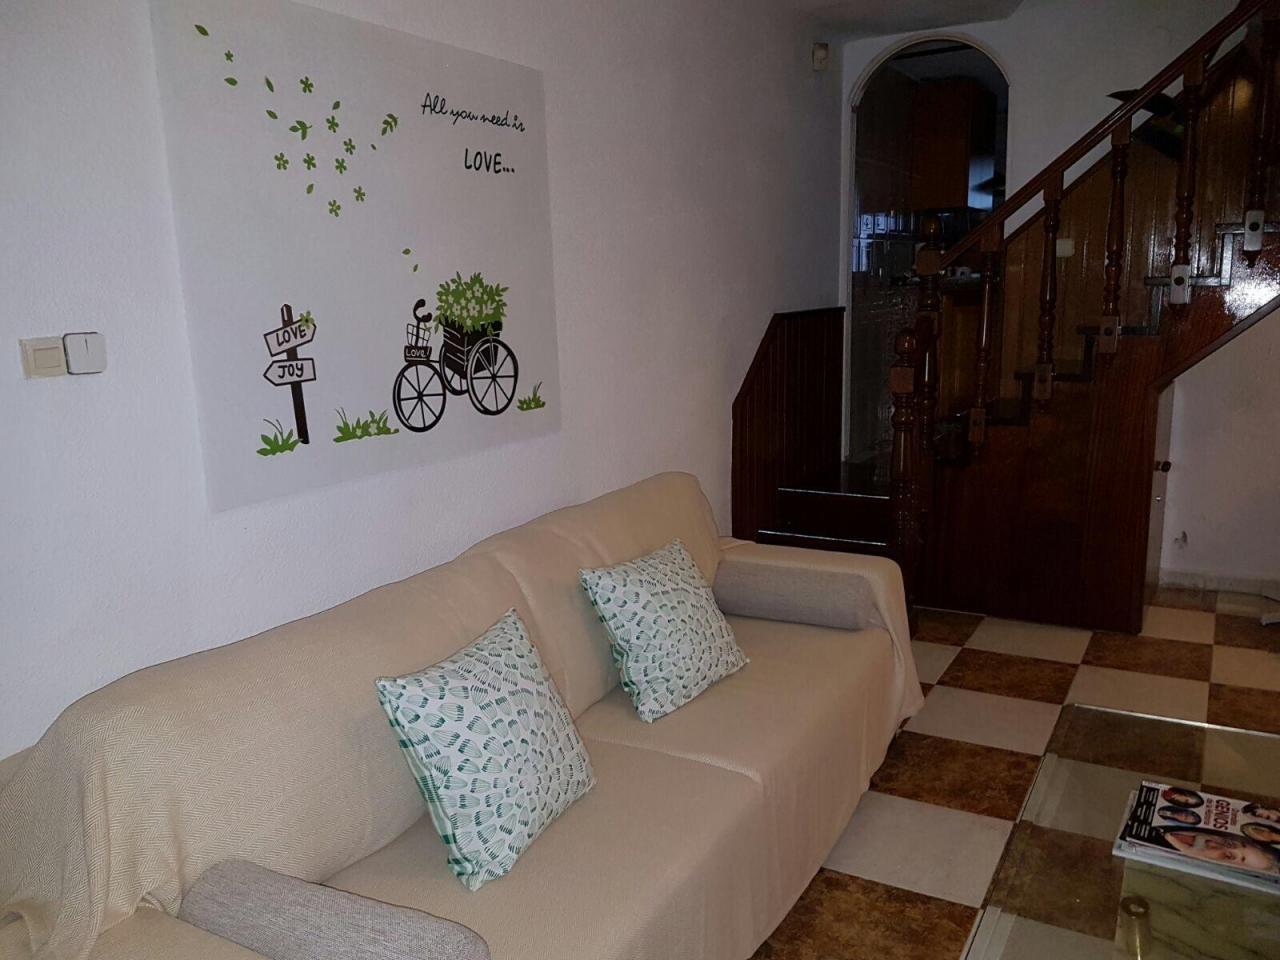 Casas vacacionales Torremolinos, Málaga